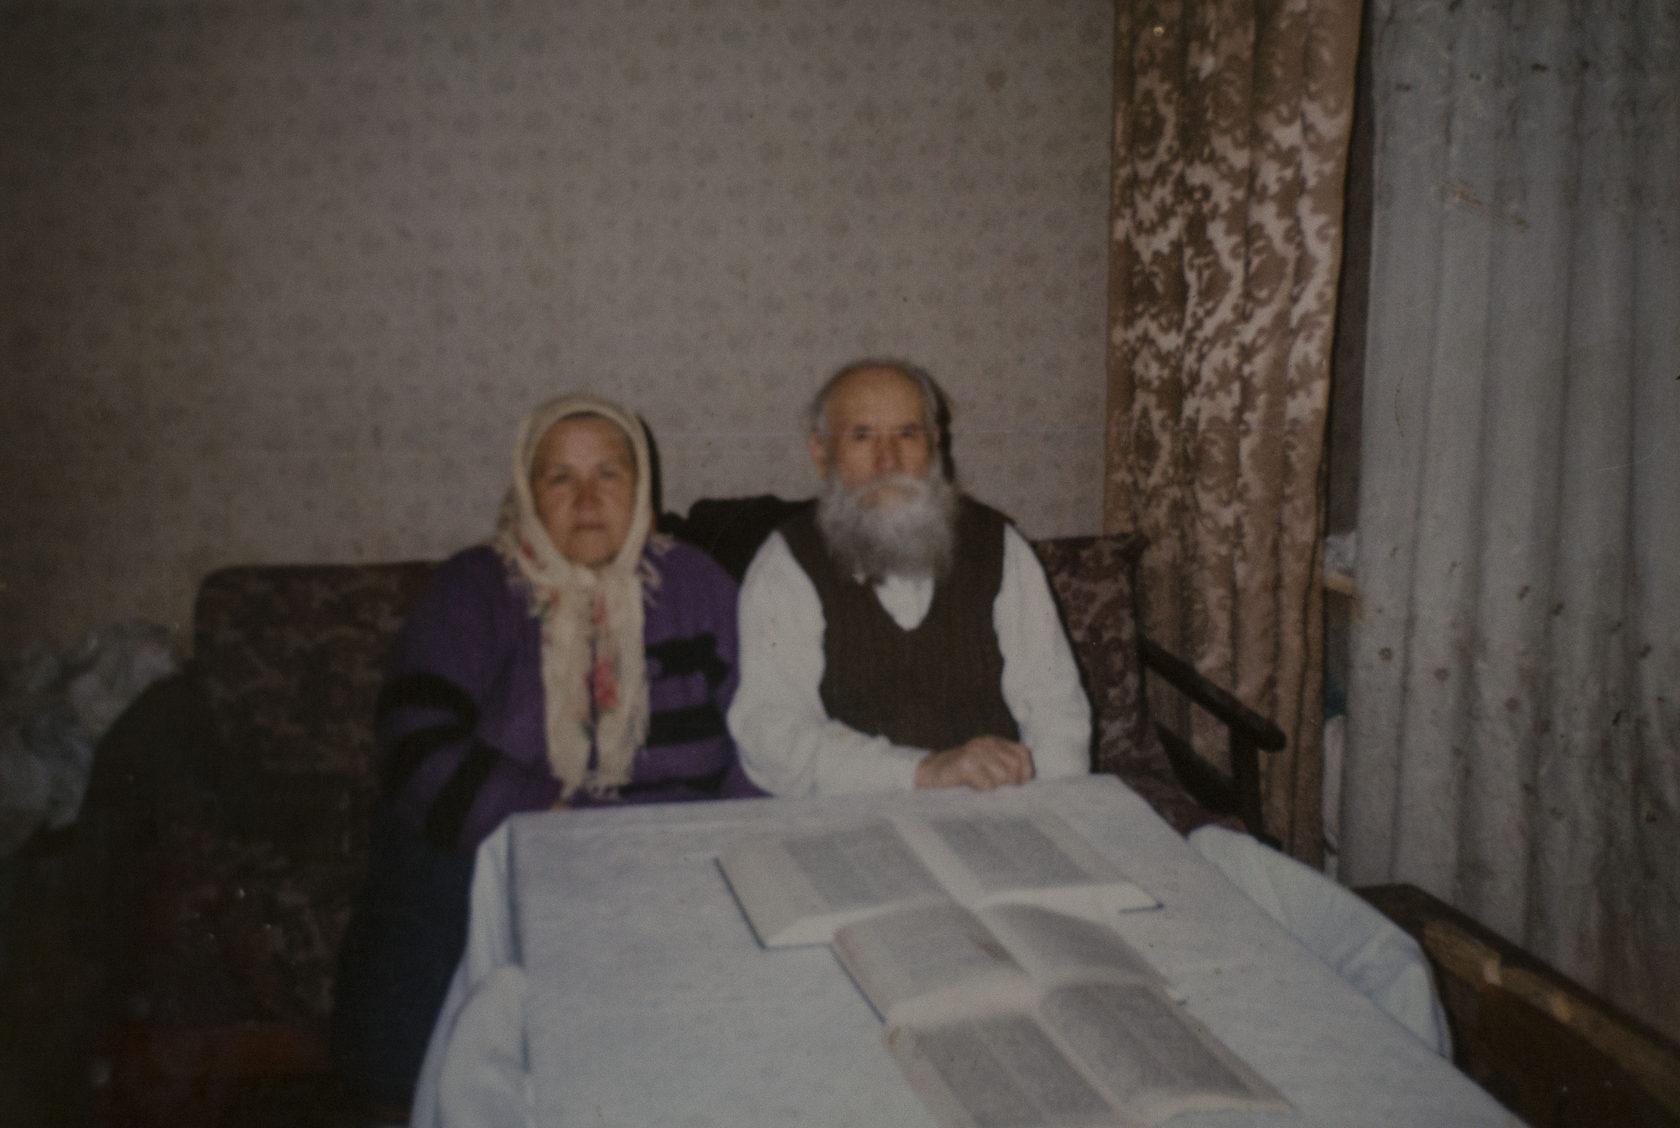 Աննա Կուդրյաշովան հոր հետ Շորժայում